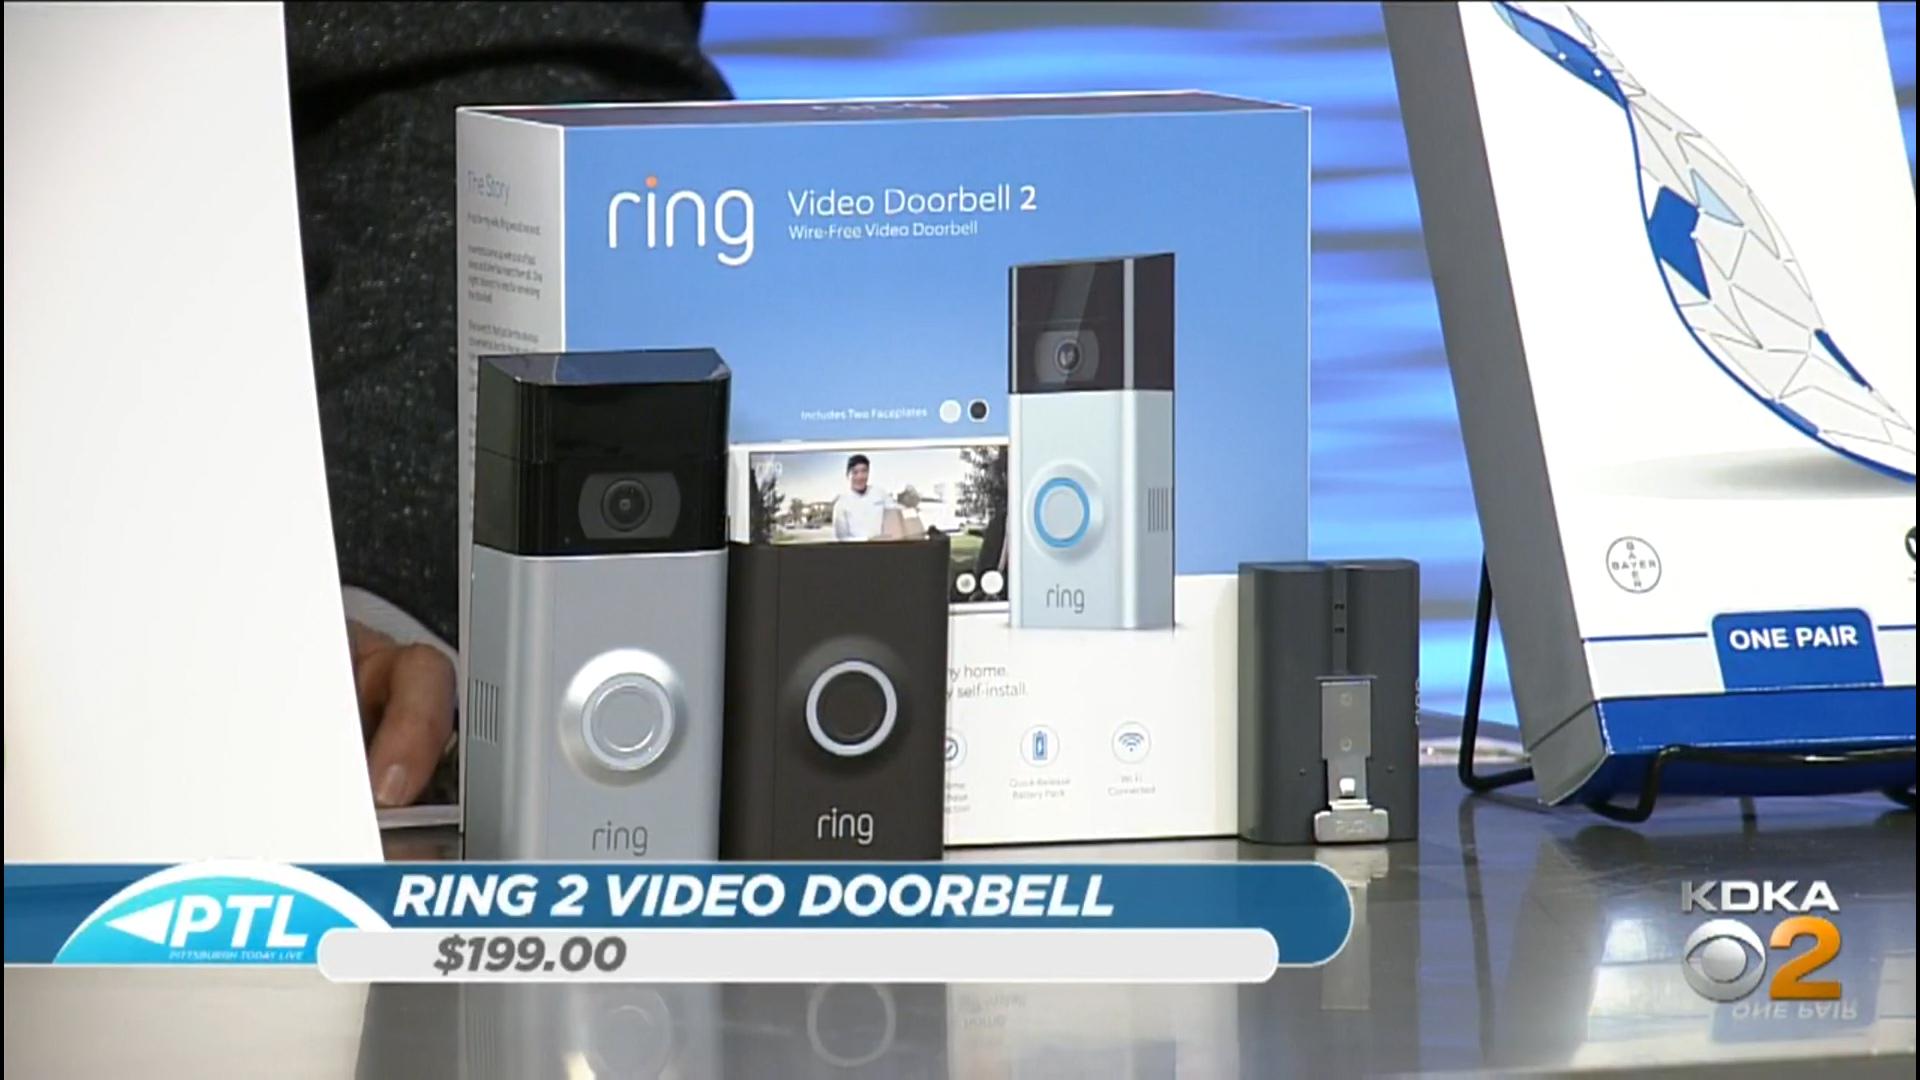 RING 2 VIDEO DOORBELL - $199.00Shop Now